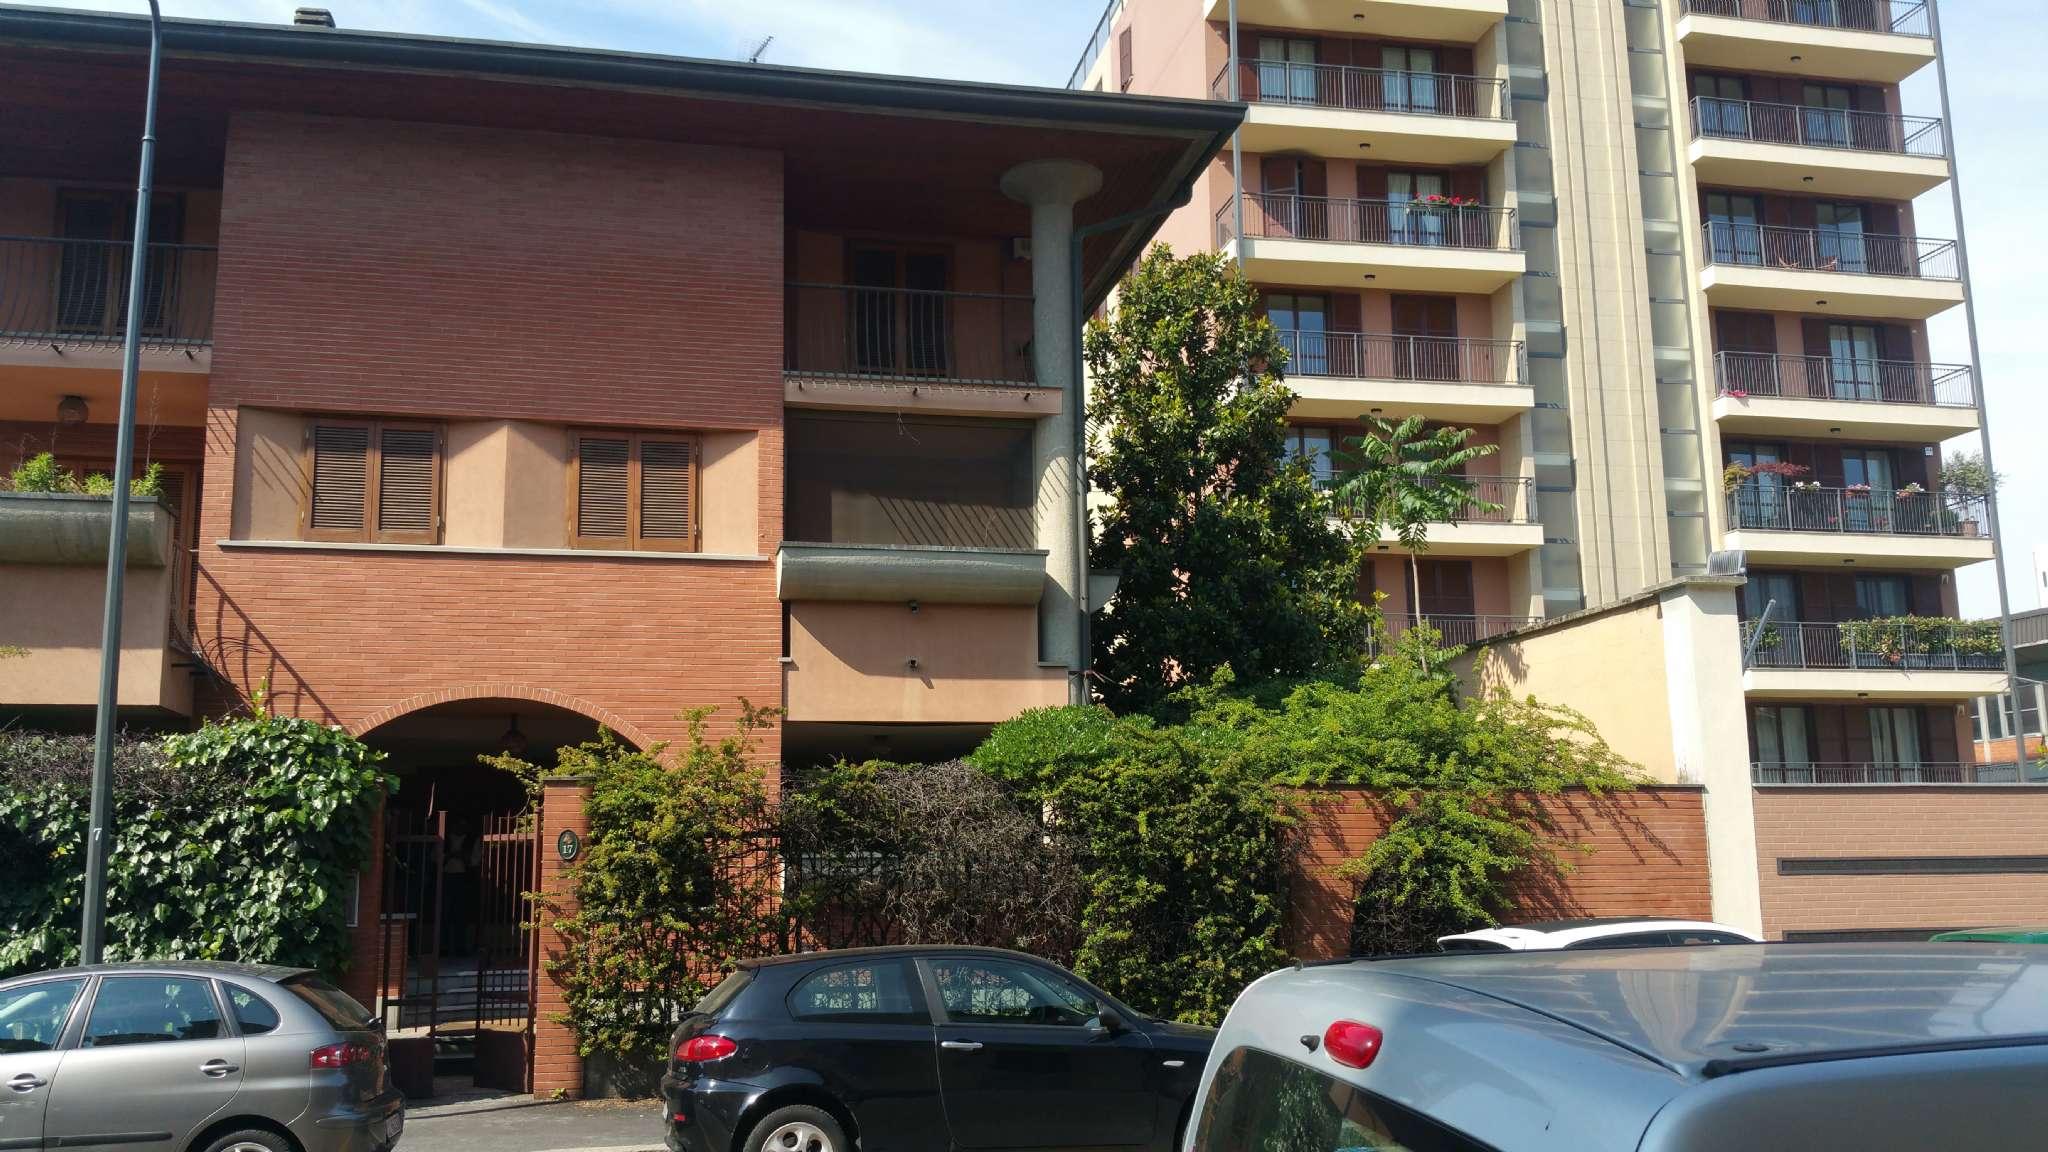 appartamenti bilocali in vendita a milano pag 30